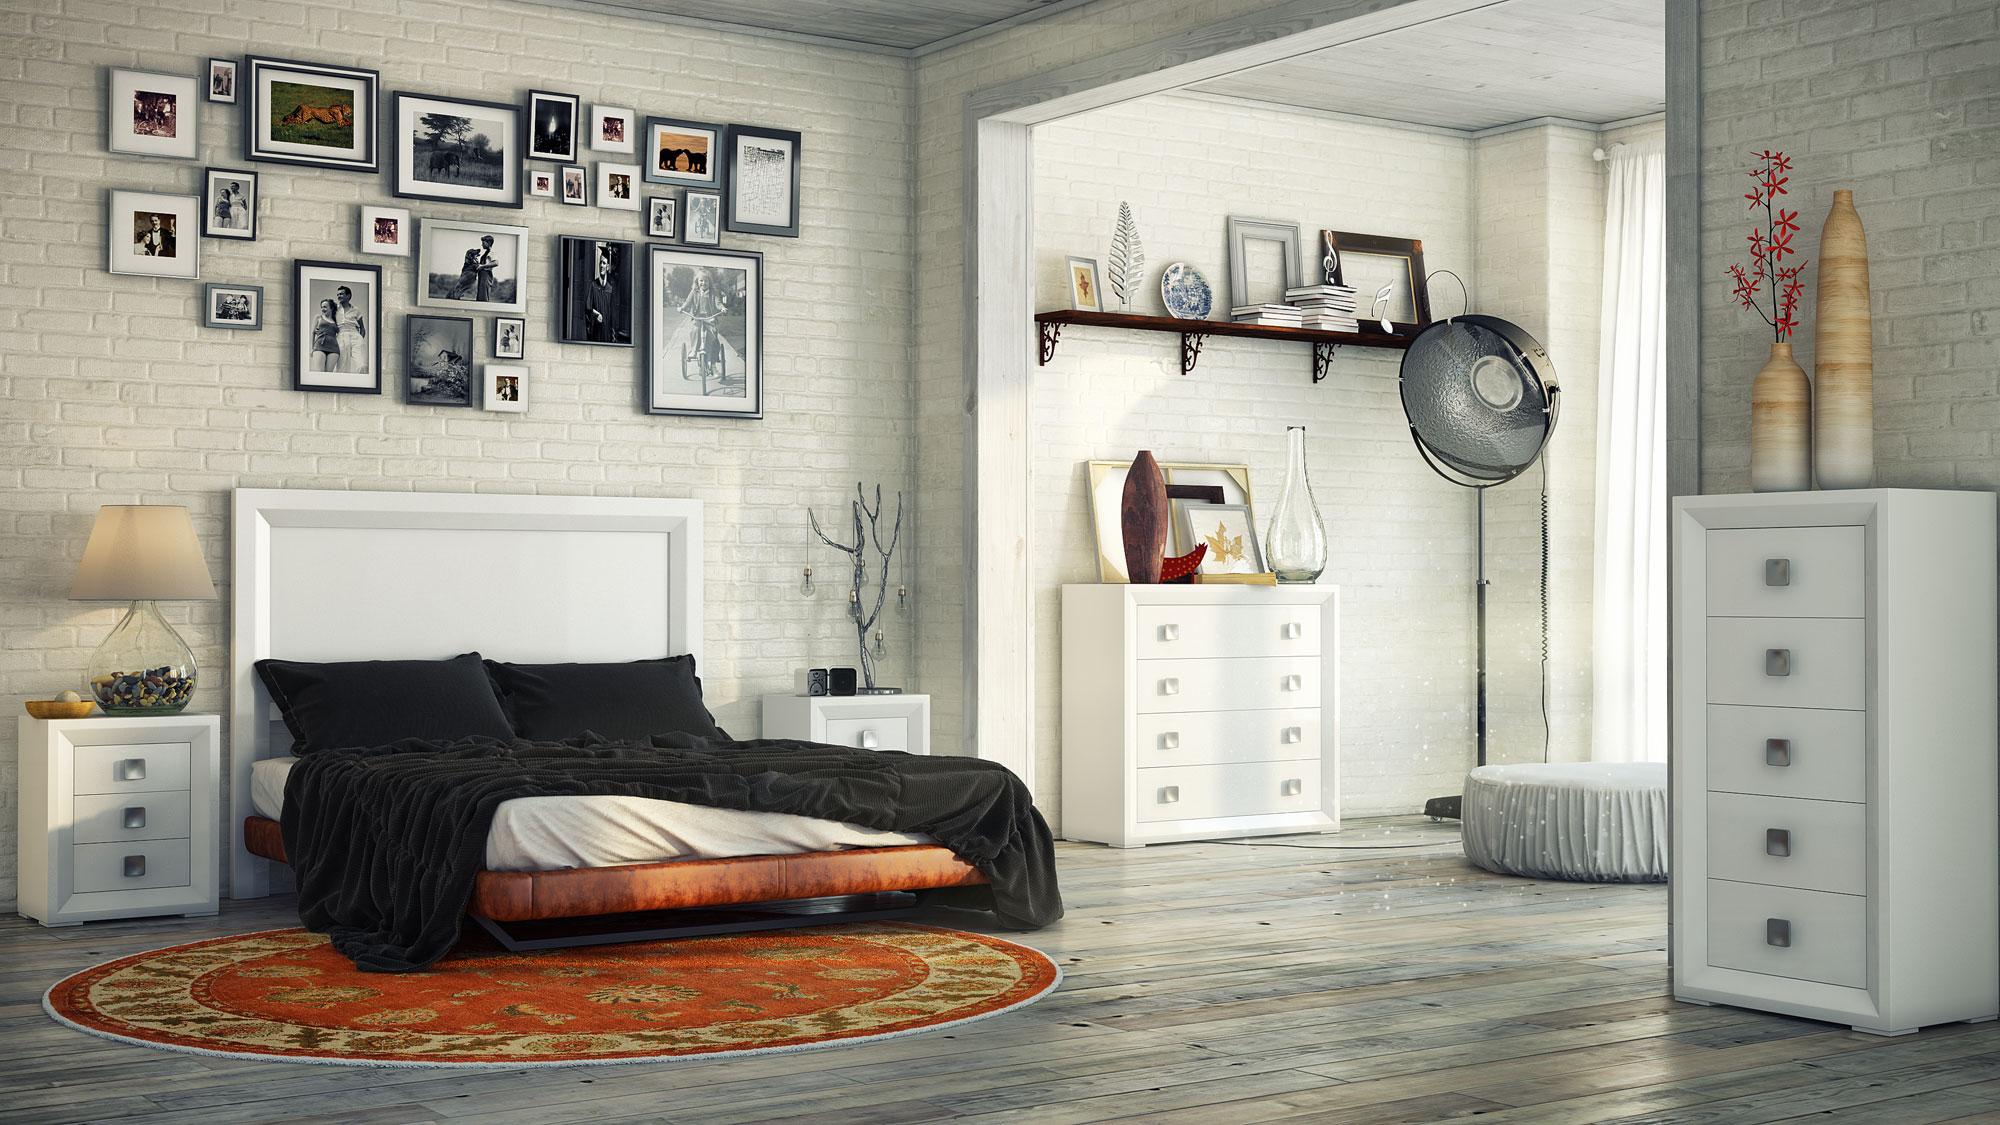 Dormitorios Muebles Blancos Dise Os Arquitect Nicos Mimasku Com # Portobello Muebles